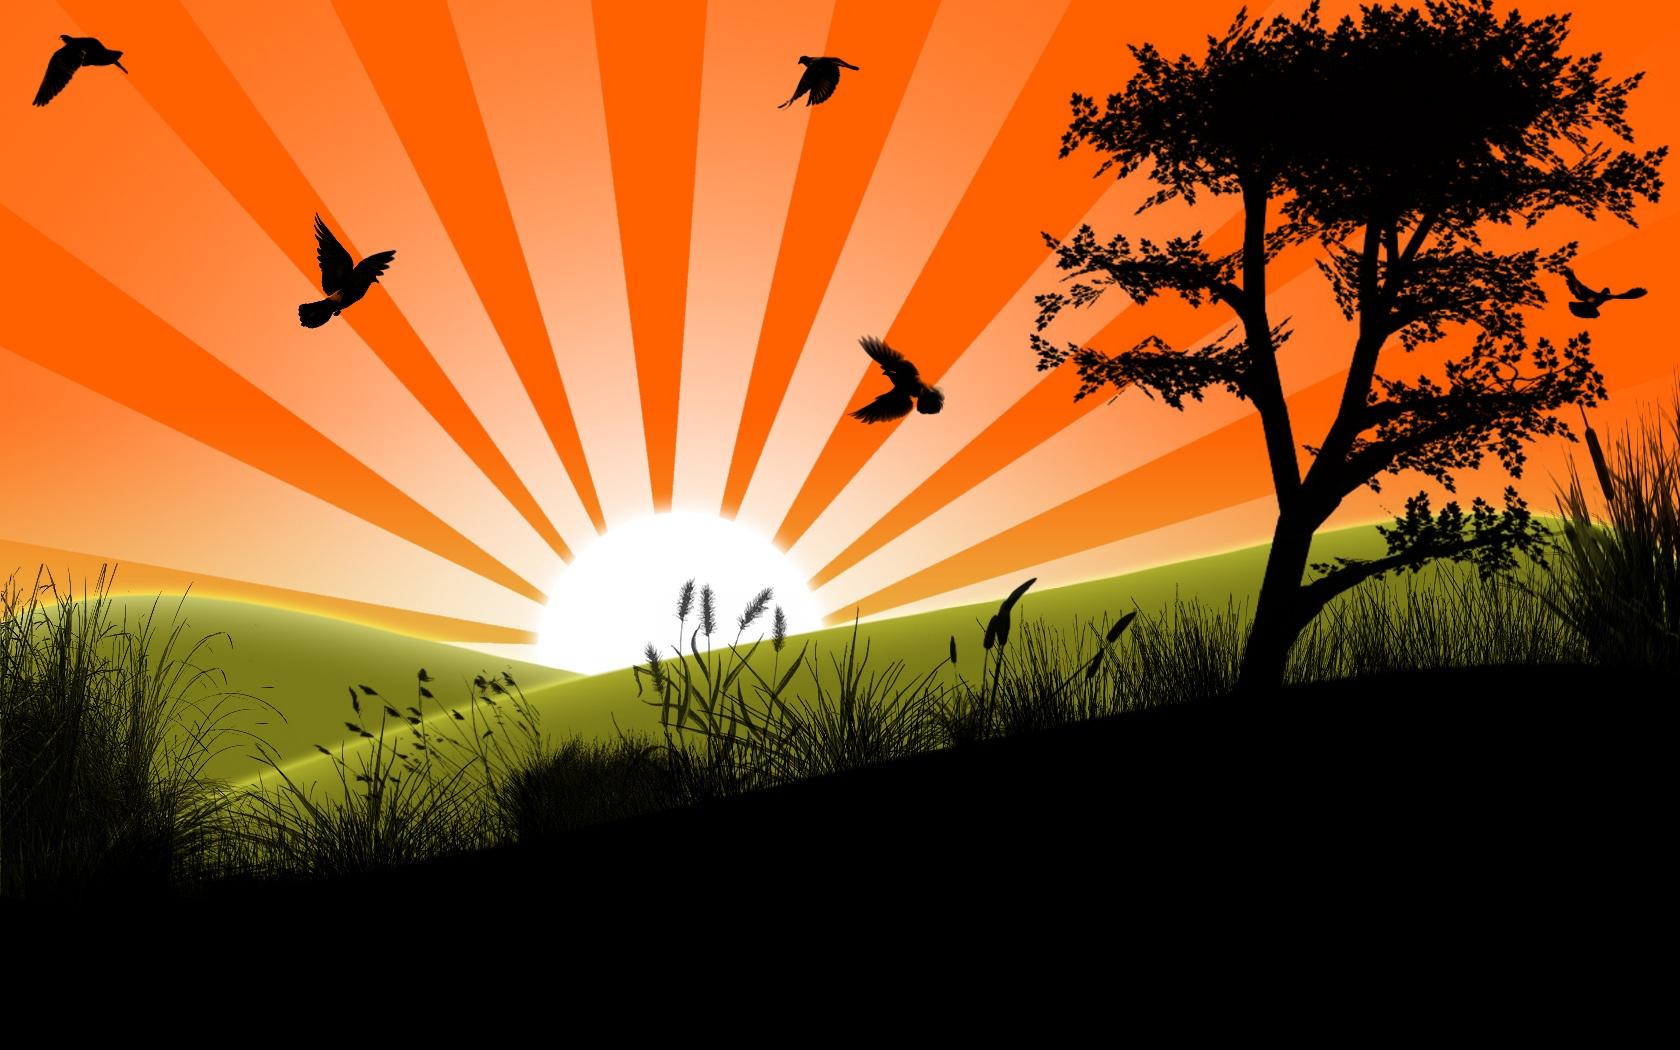 Восход солнца картинки нарисованные, открытку